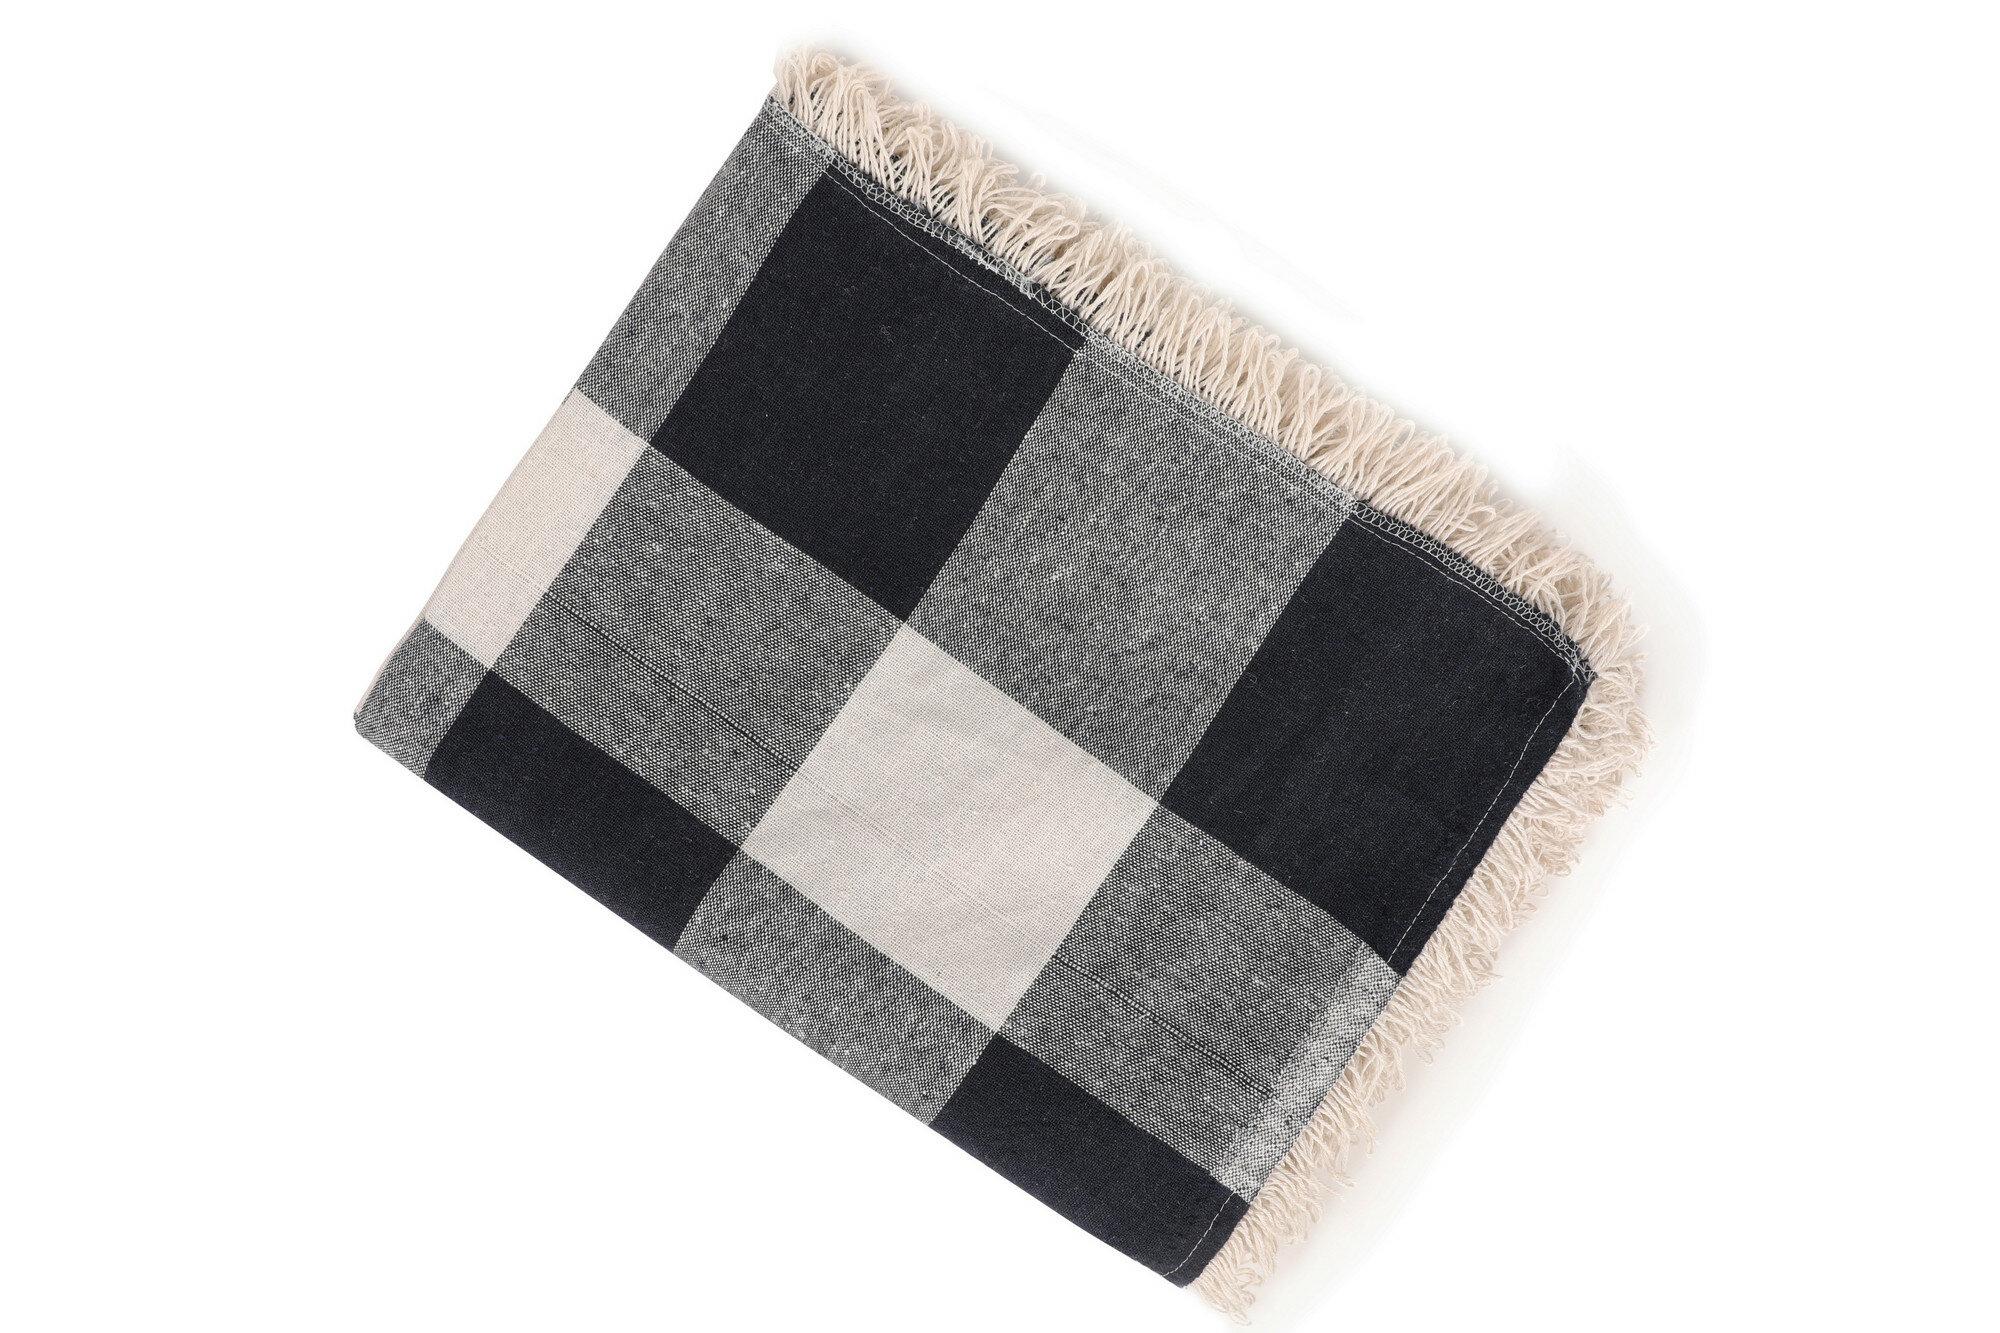 Foundry Select Seng Lightweight Cotton Blanket Wayfair